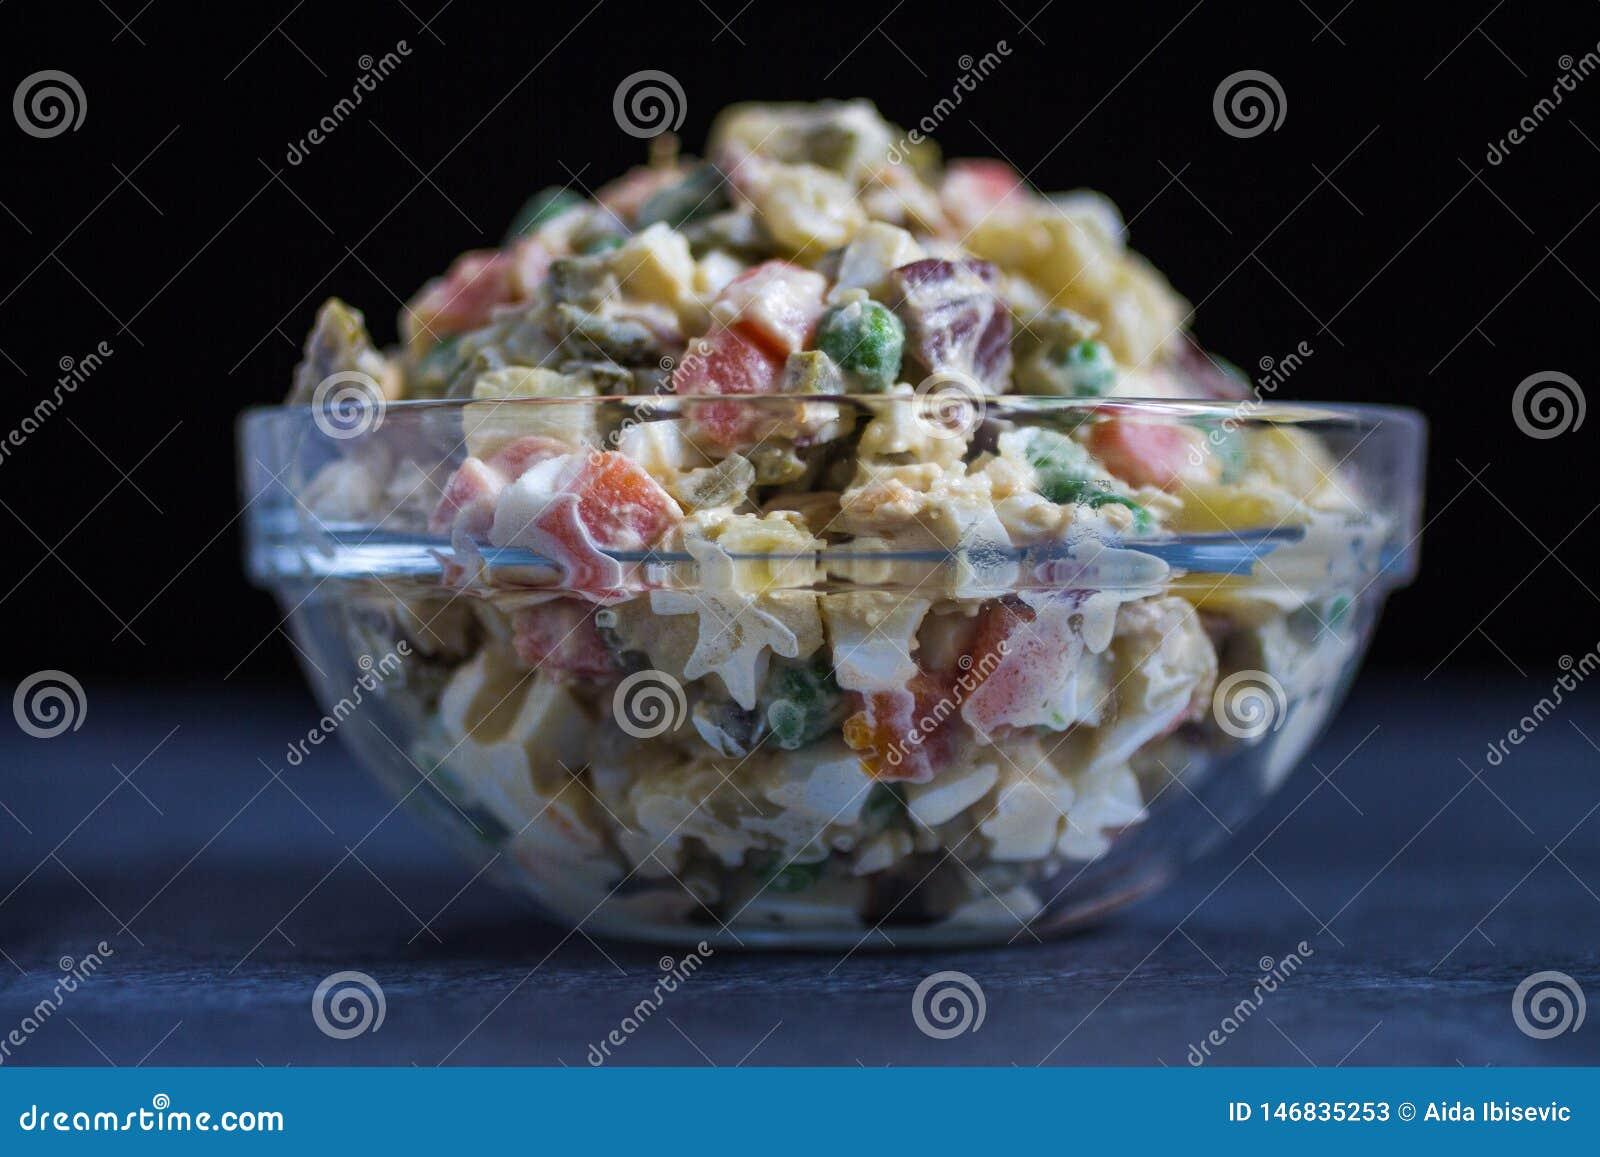 Russische Salade of Salade Olivier op de Donkere Achtergrond van de Glaskom